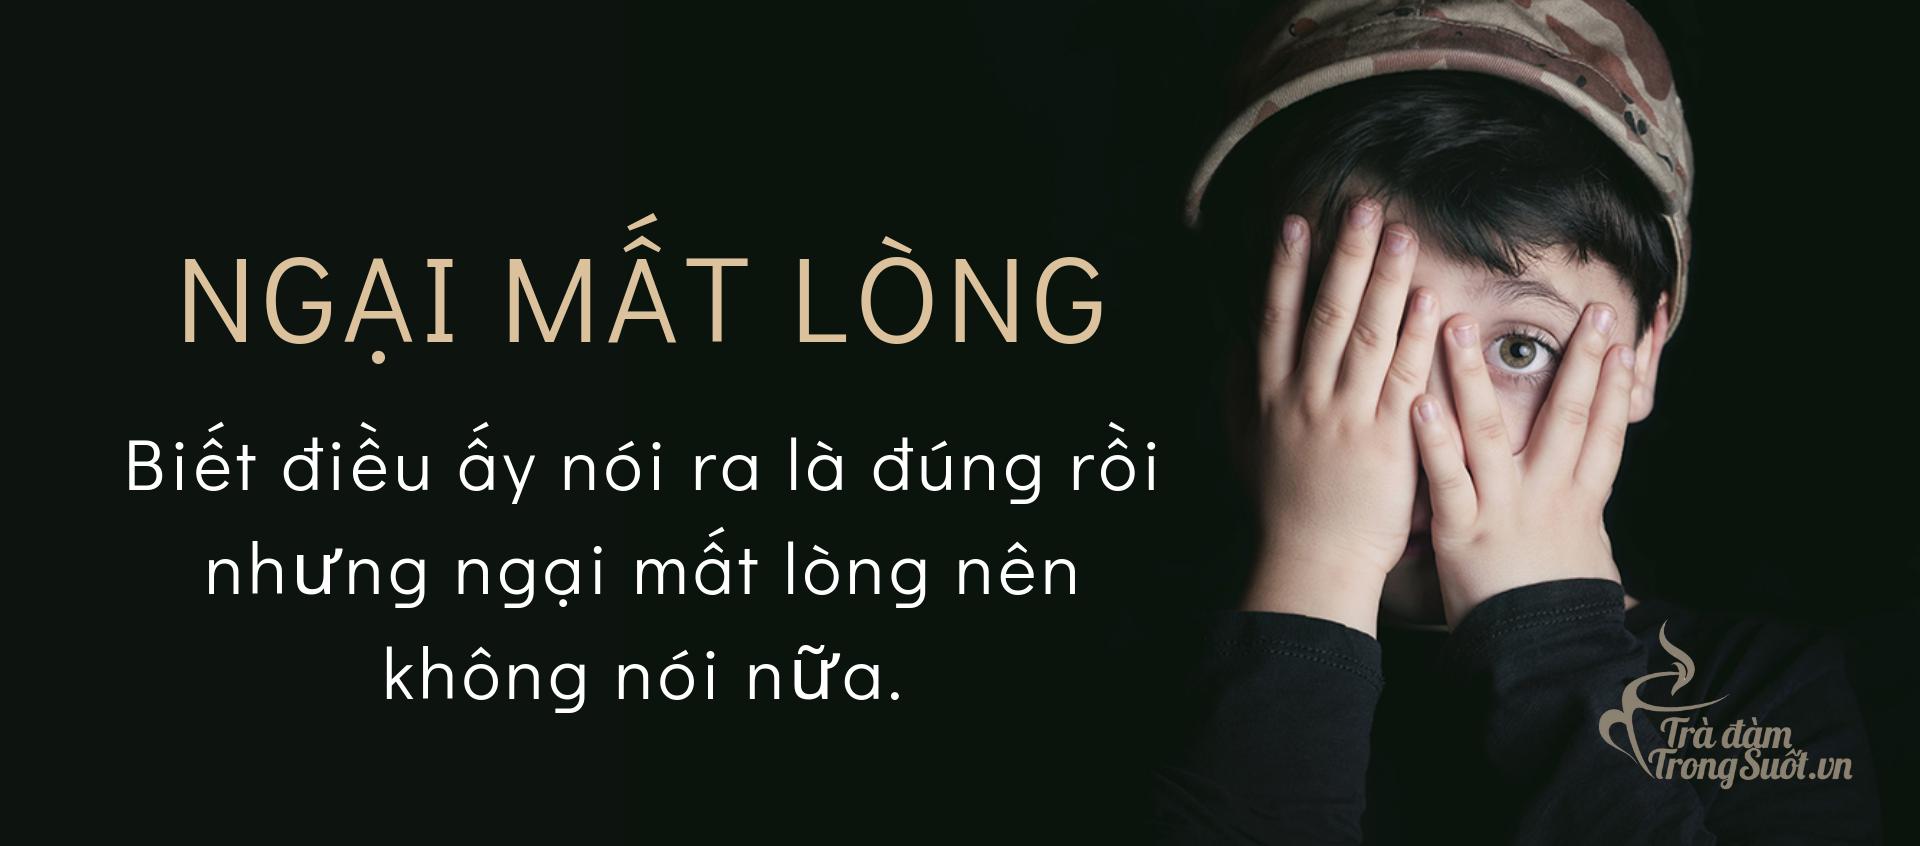 Q1_Ngai mat long